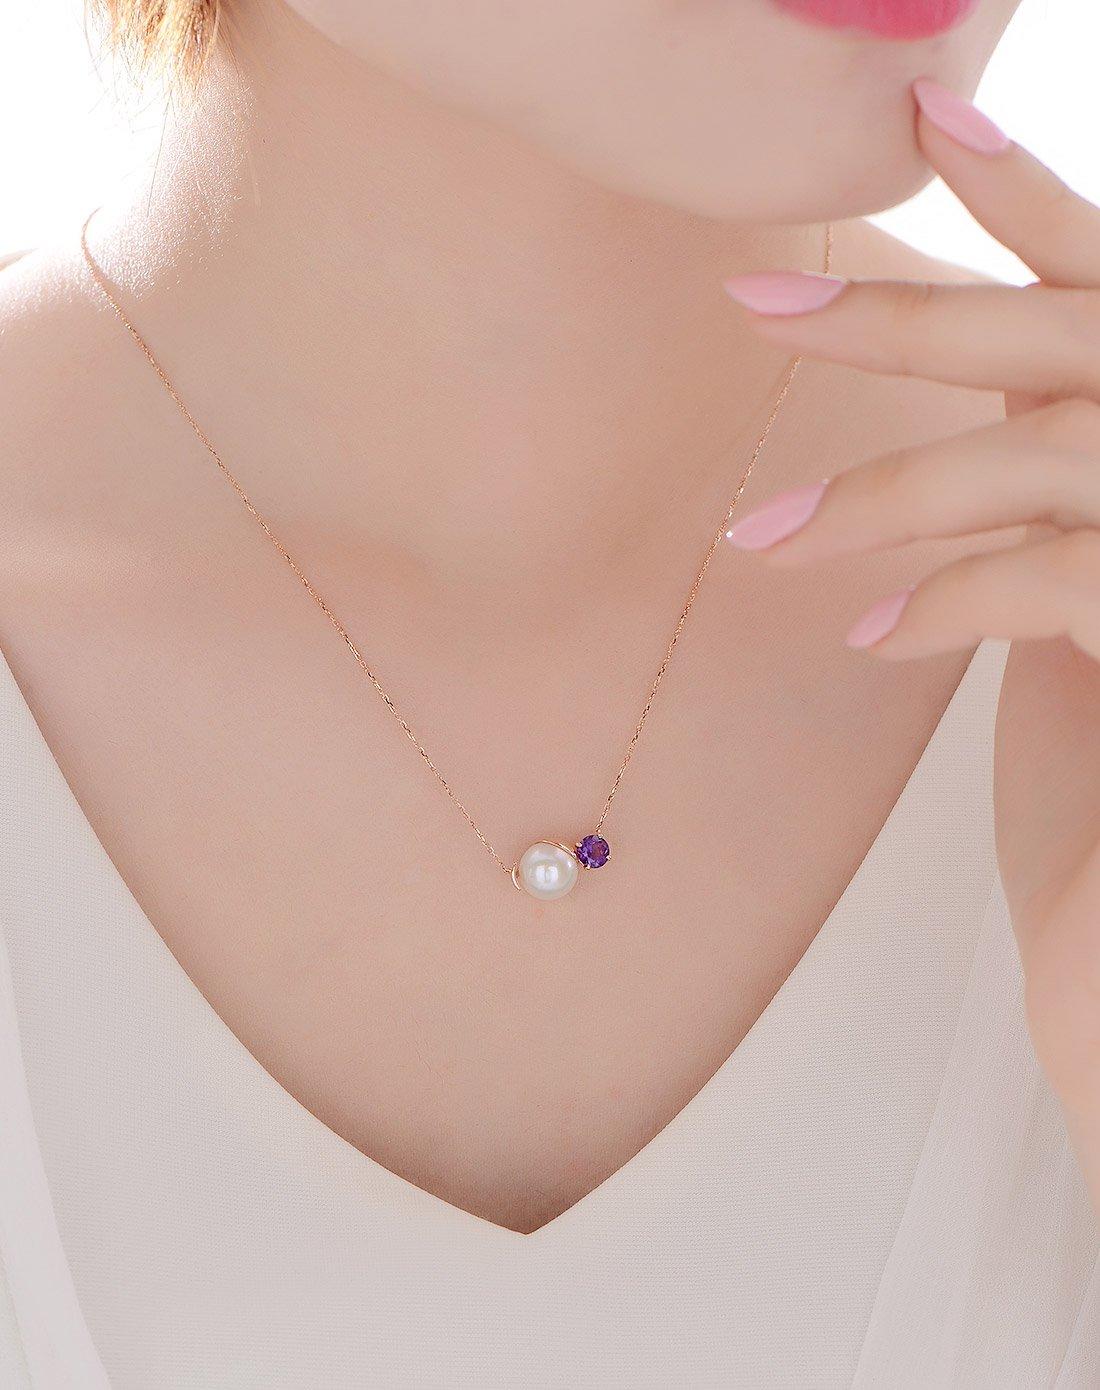 北海珍珠批發   北海淡水珍珠18K寶石珍珠項鏈時尚項鏈